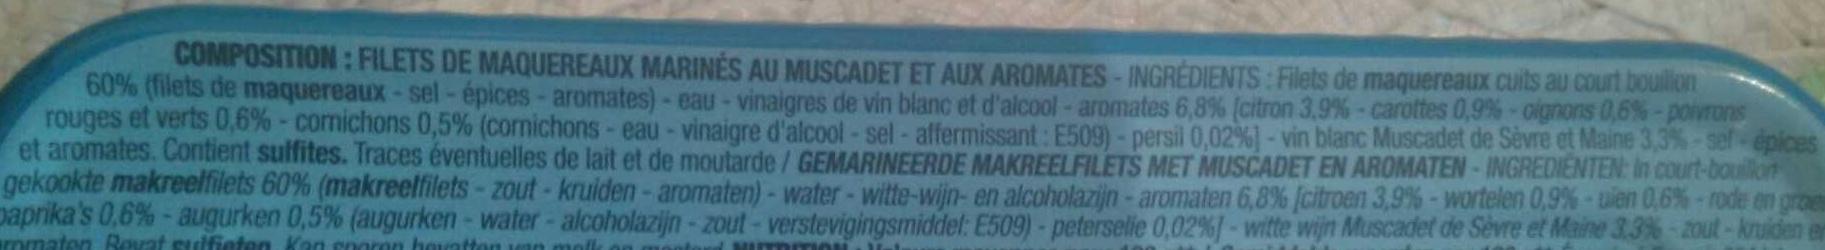 Filets de maquereaux marines au muscadet - Ingrédients - fr